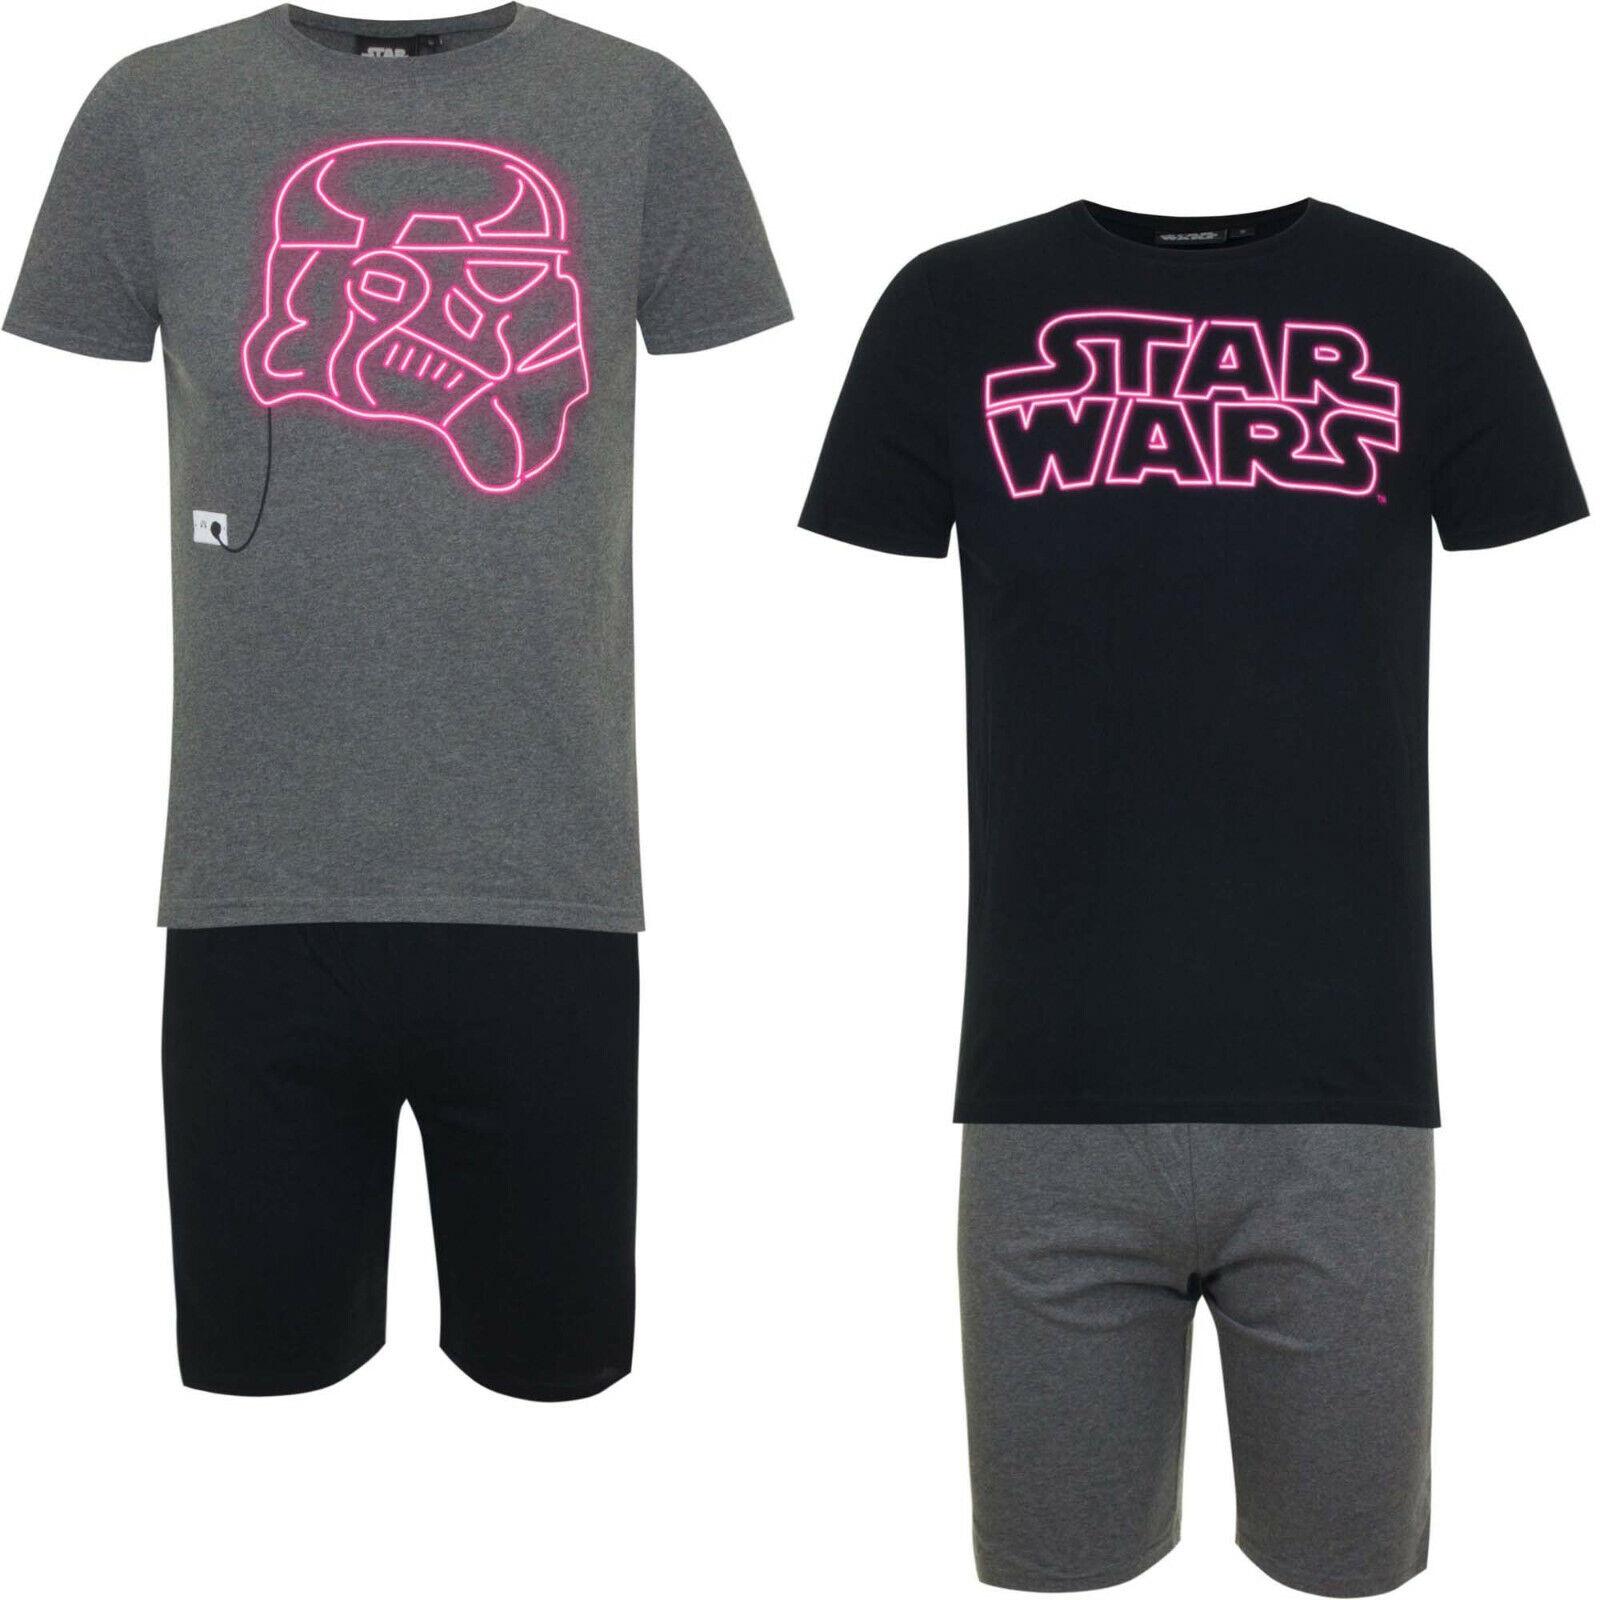 STAR WARS  Herren Pyjama/Schlafanzug Shorty  100%Baumwolle    S    M   L   XL